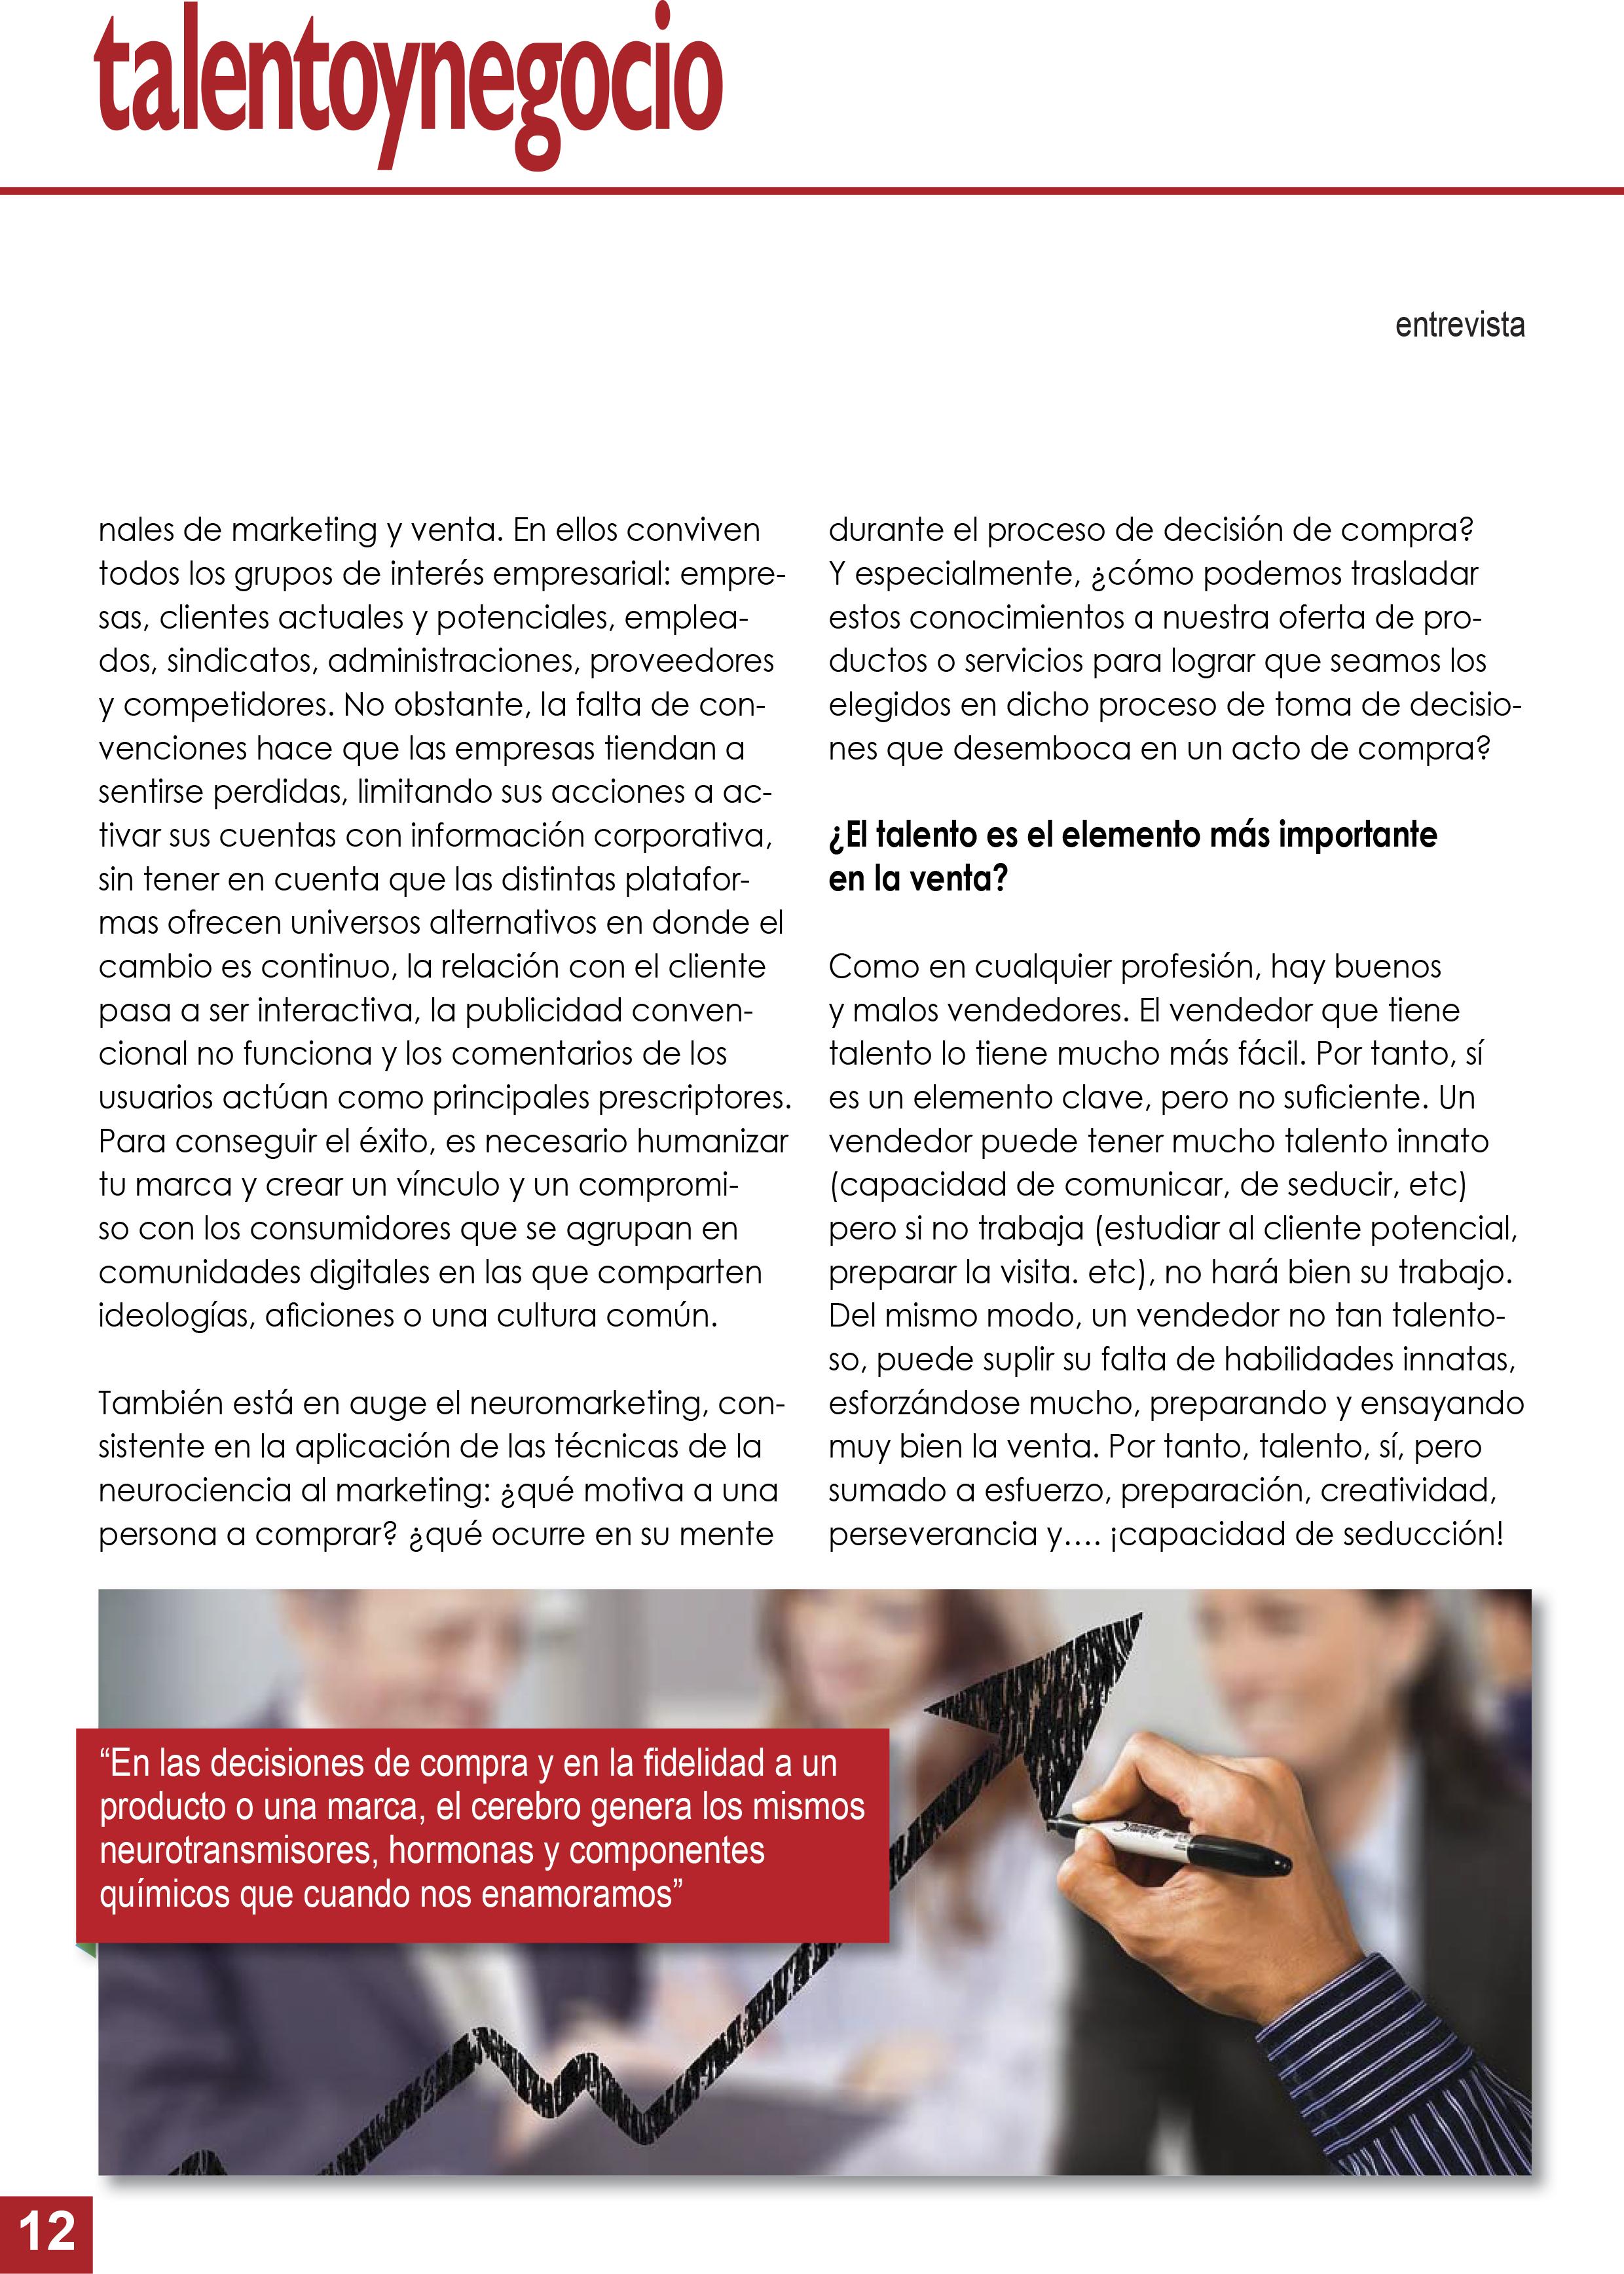 Revista online que habla de talento y éxito en los negocios